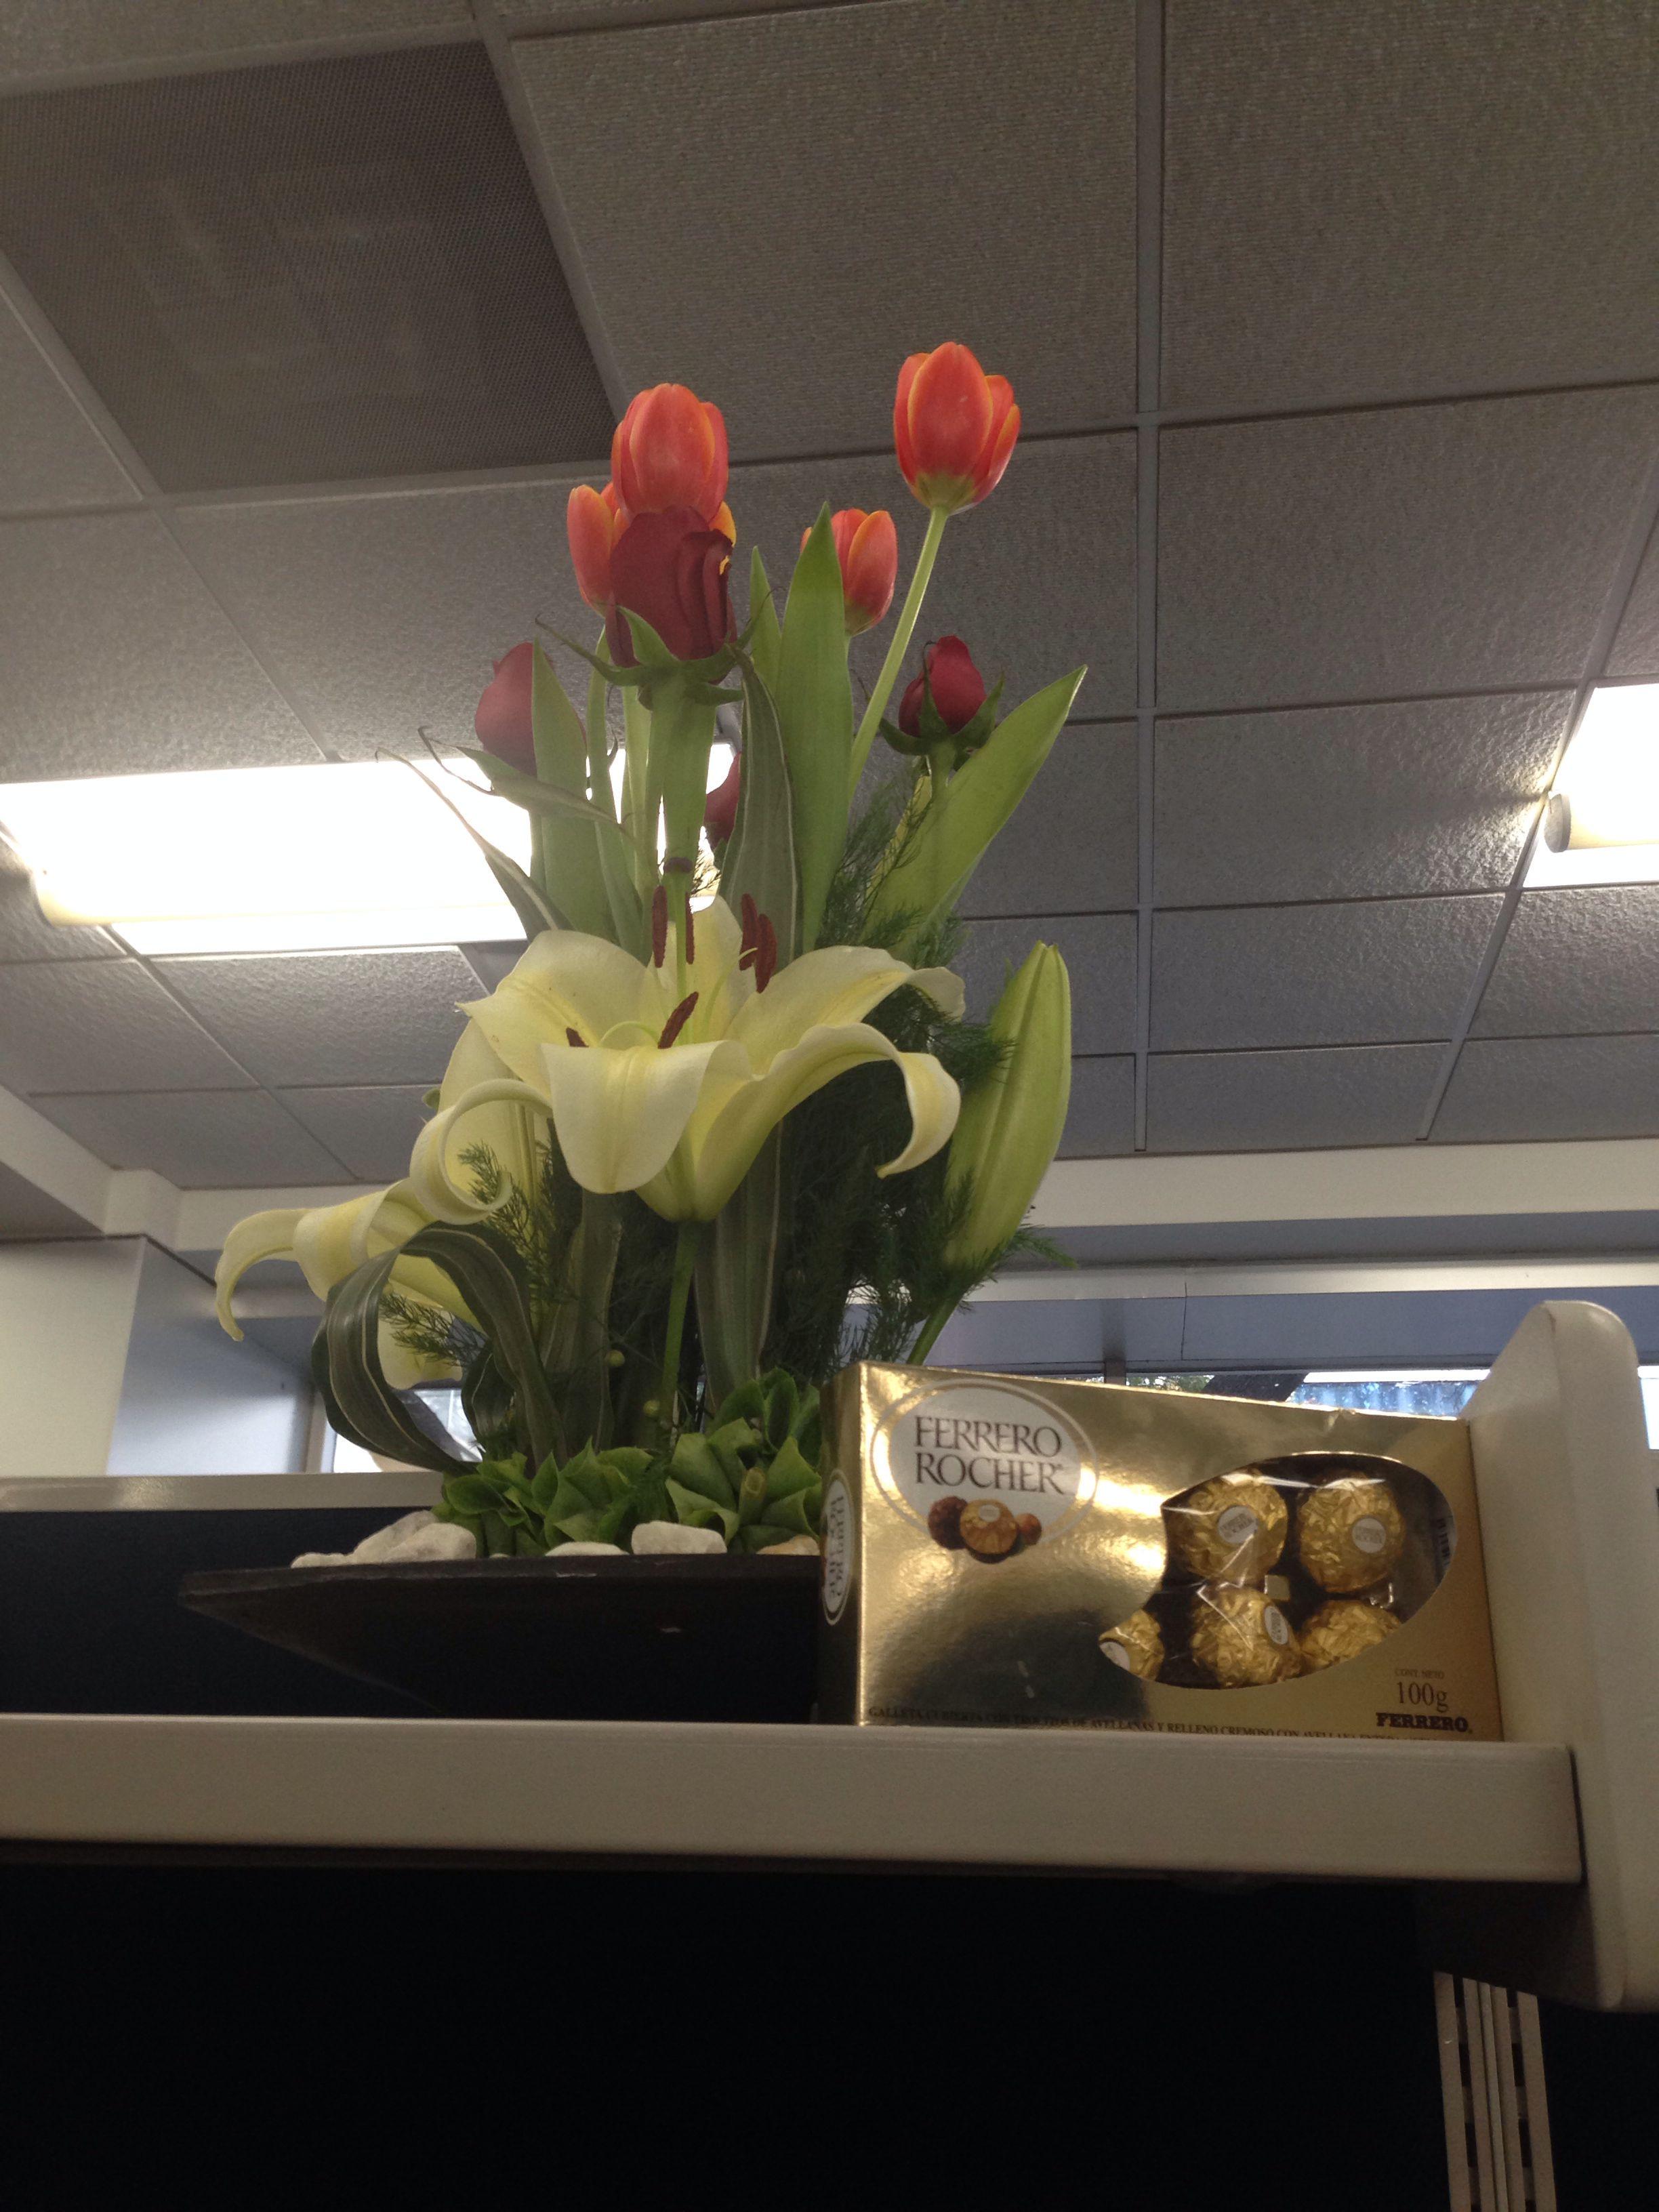 Flores en la oficina plantas flores rboles y dem s for Plantas decorativas para oficina